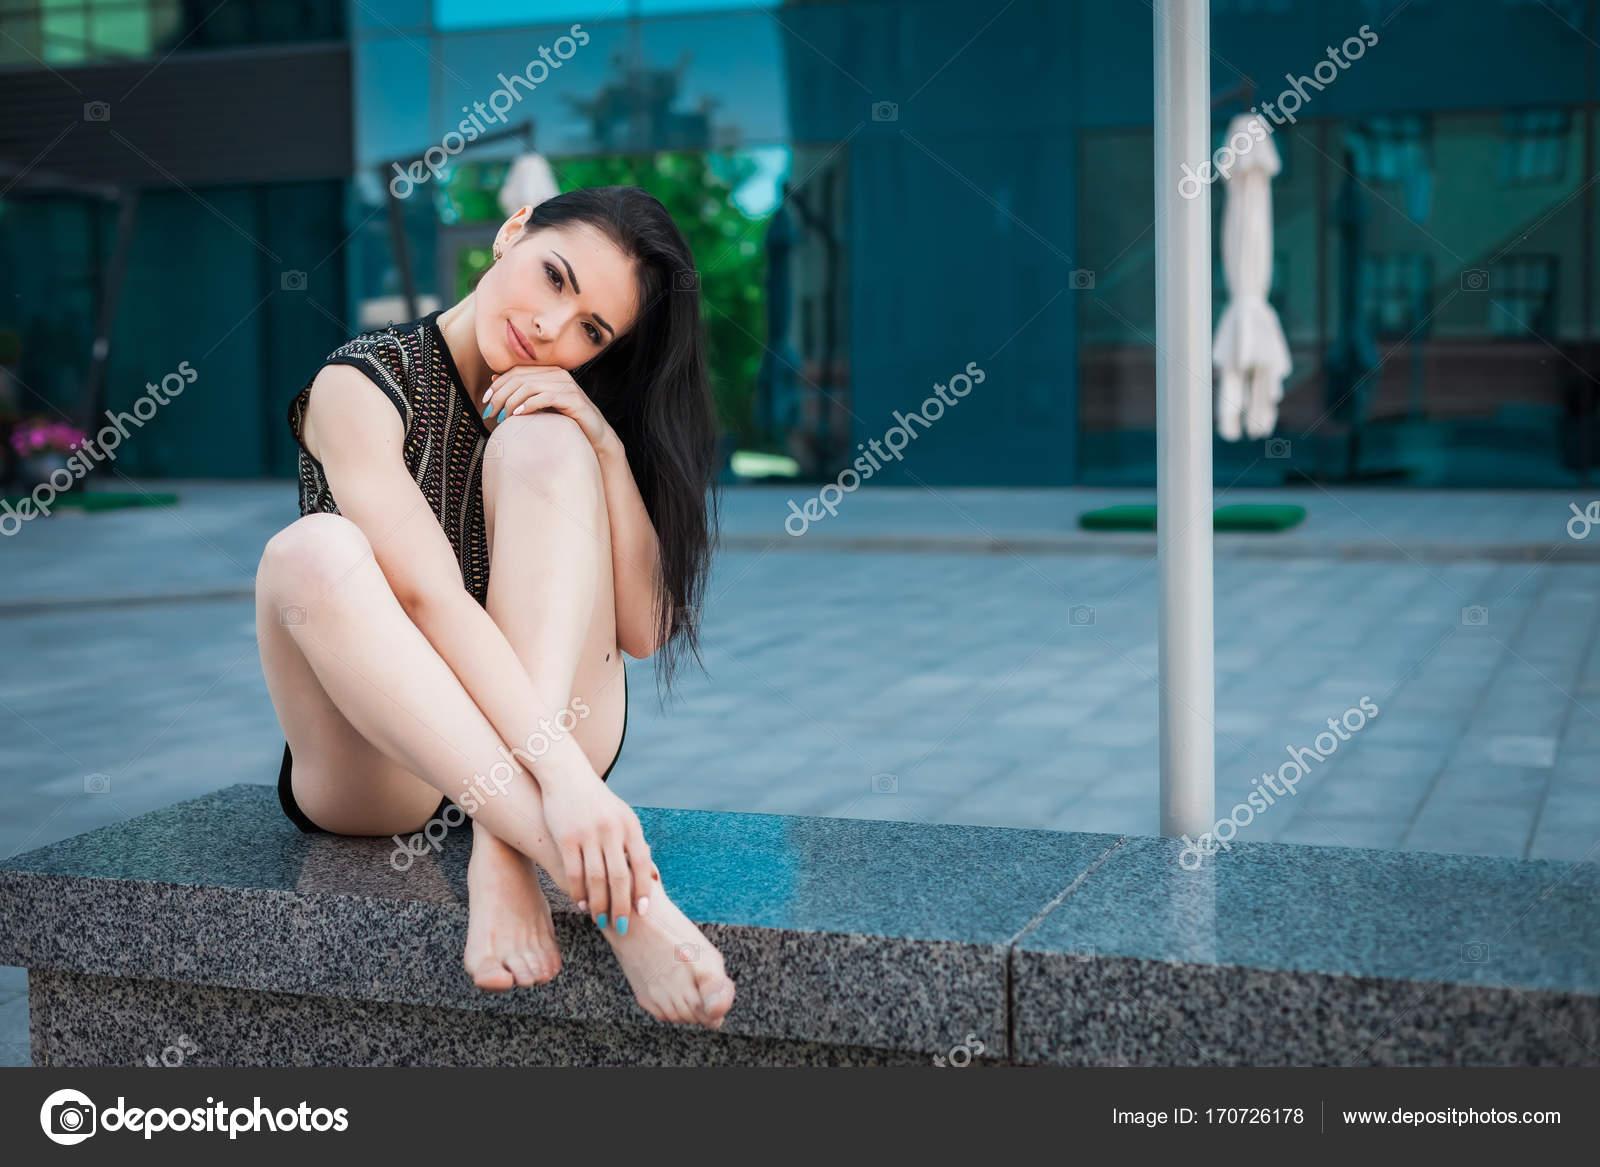 Брюнетка в черной юбке на улице